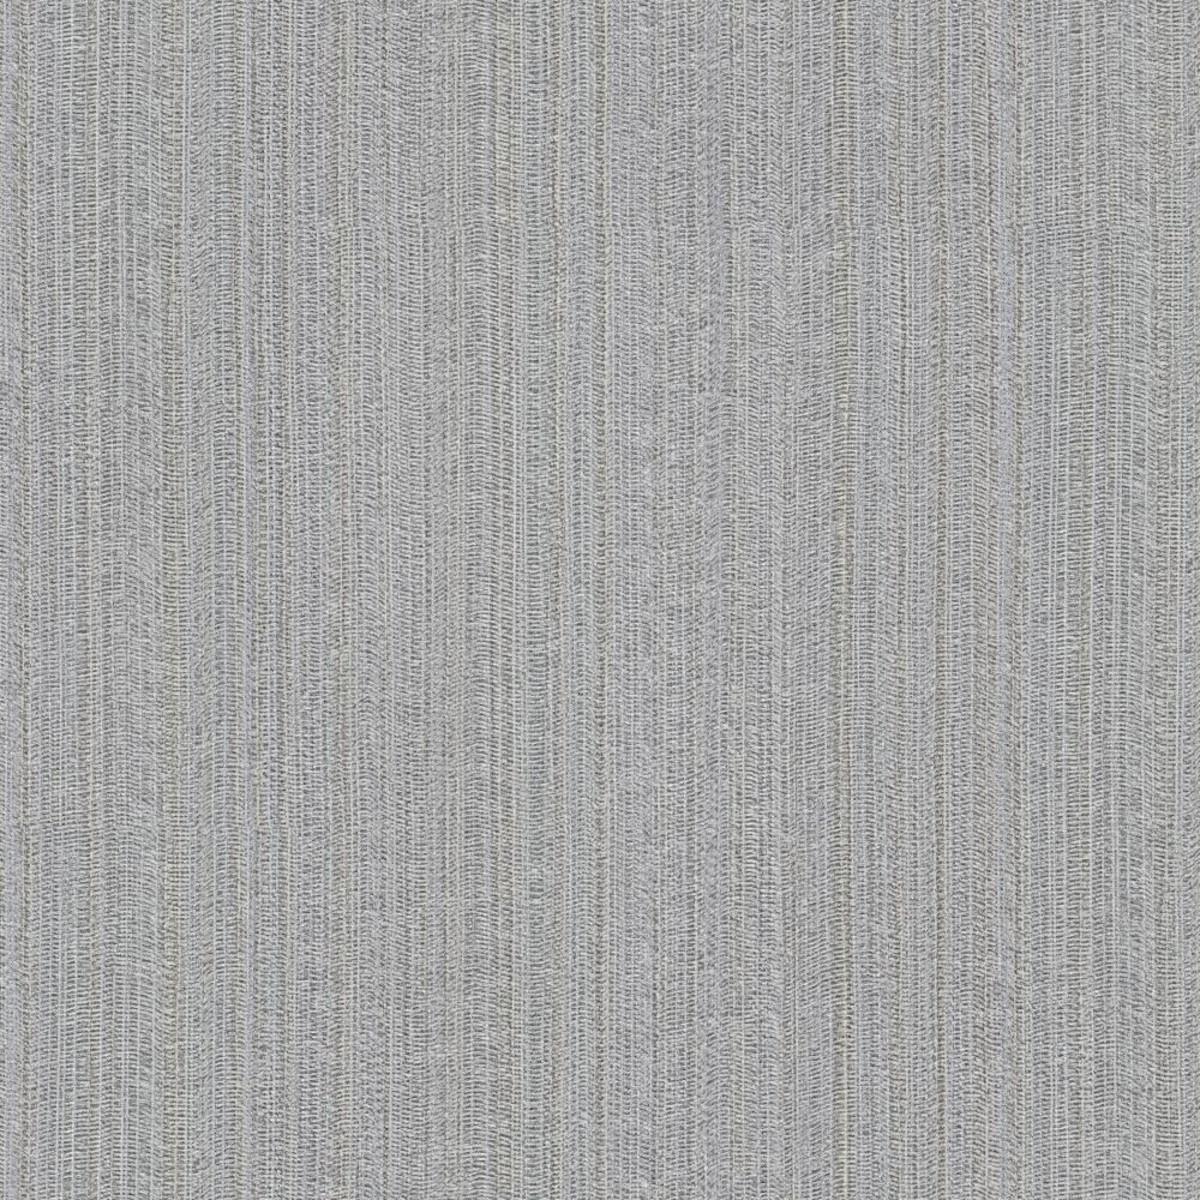 Обои флизелиновые Палитра Rombas серые PL71482-41 1.06 м